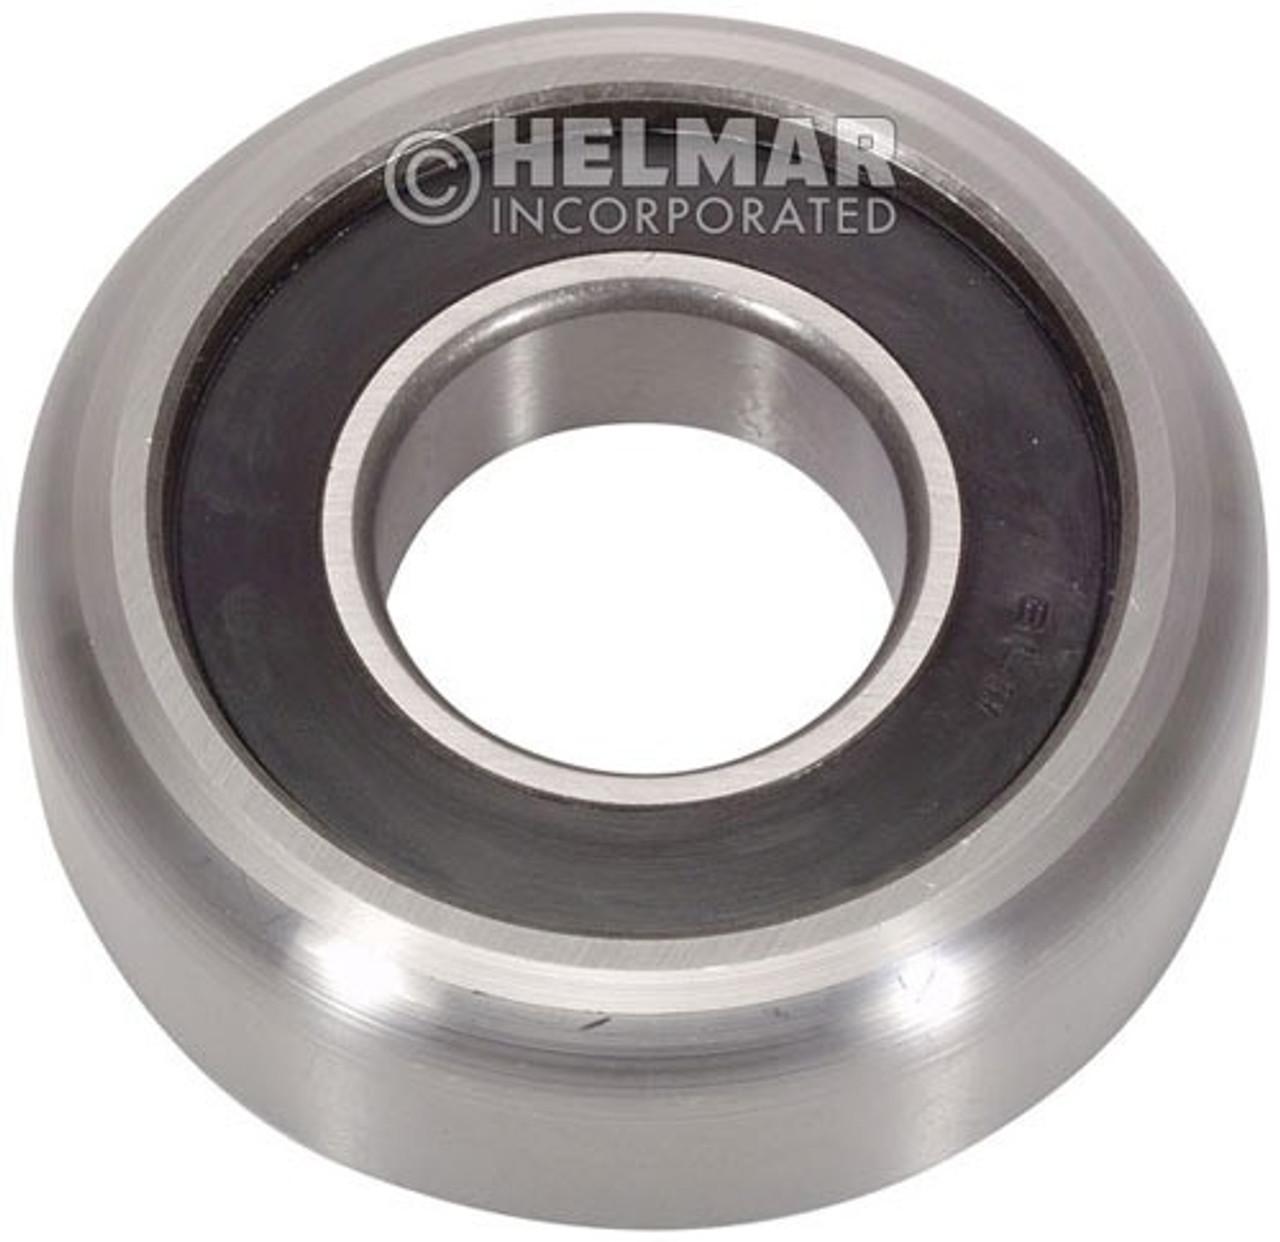 661549 Cascade Mast Roller Bearing 29.05mm Wide, 96.28mm Outer Diameter, 39.77mm Inner Diameter